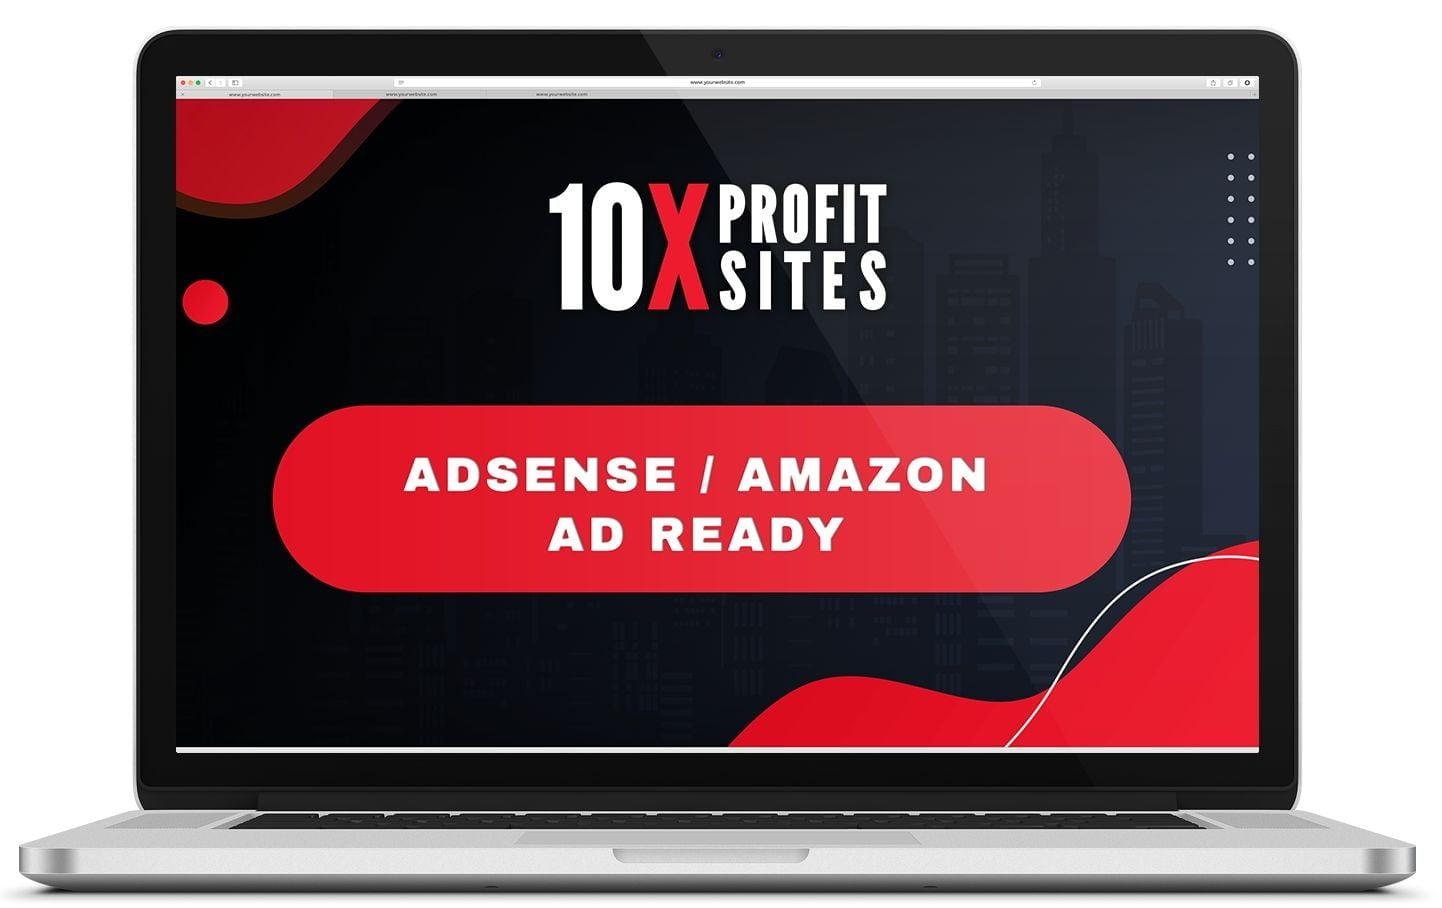 10X-Profit-Sites-feature-5